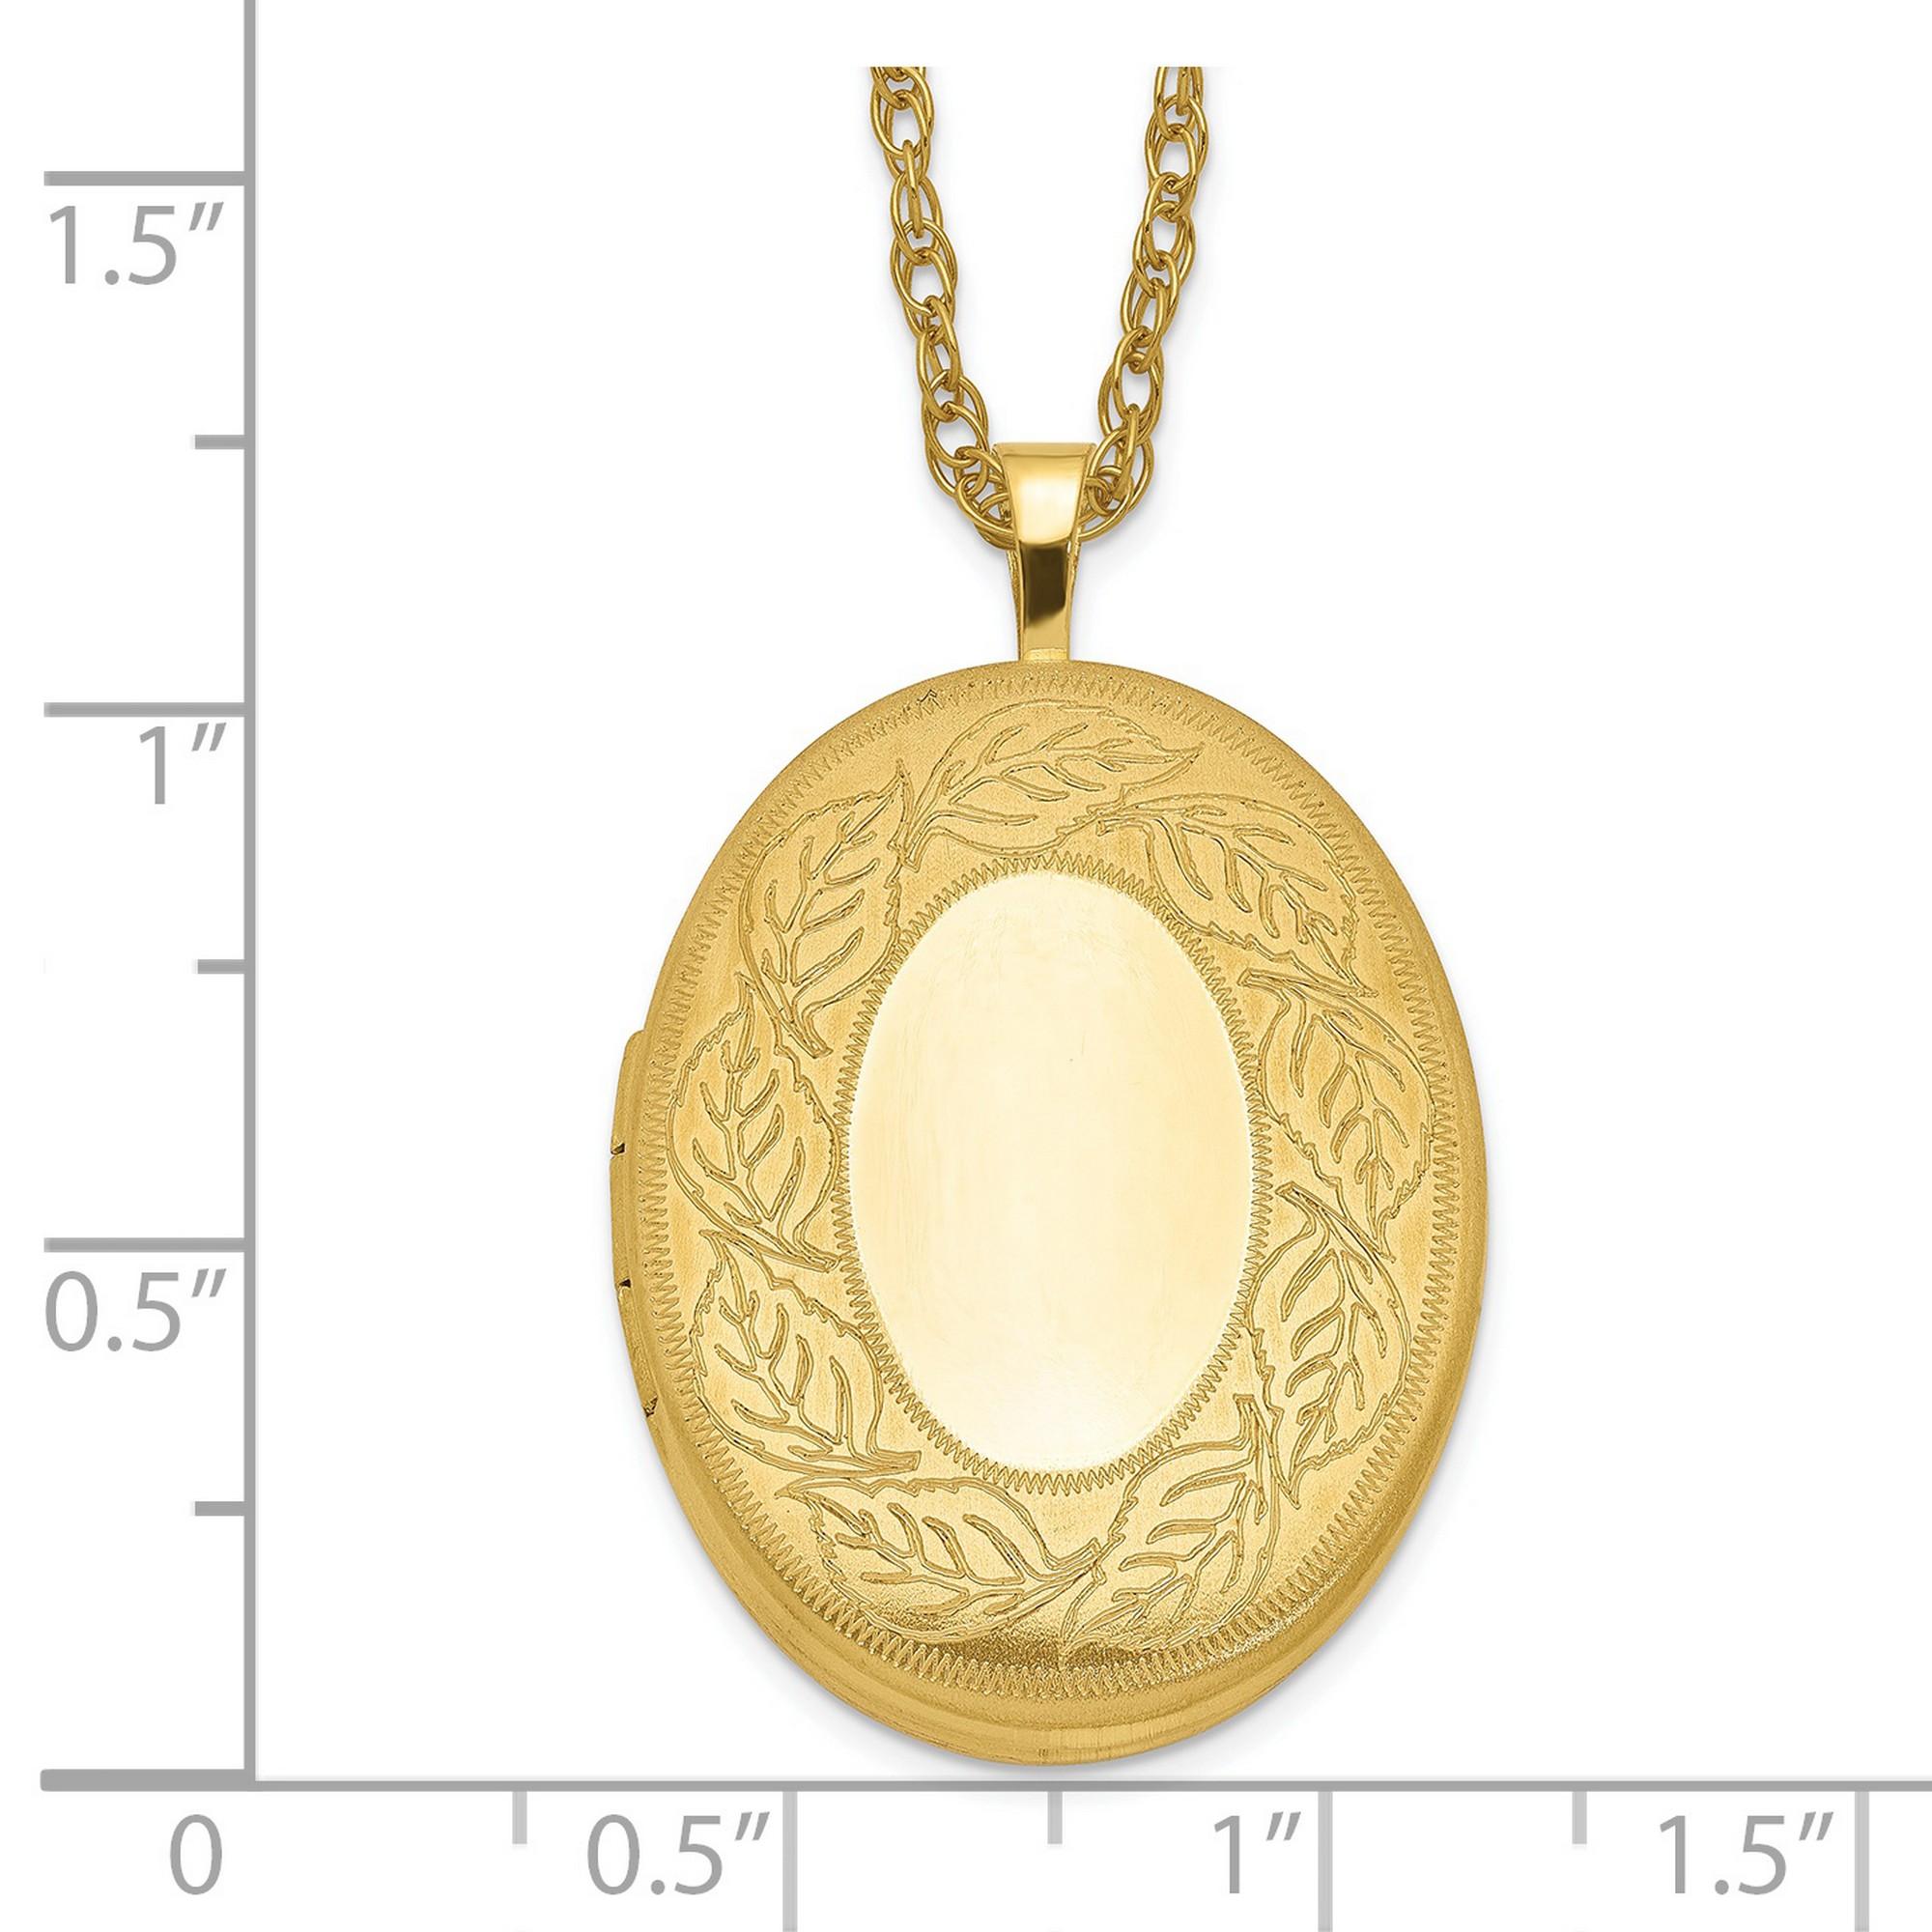 1//20 Gold Filled 26Mm Leaf Border Oval Locket Charm Pendant